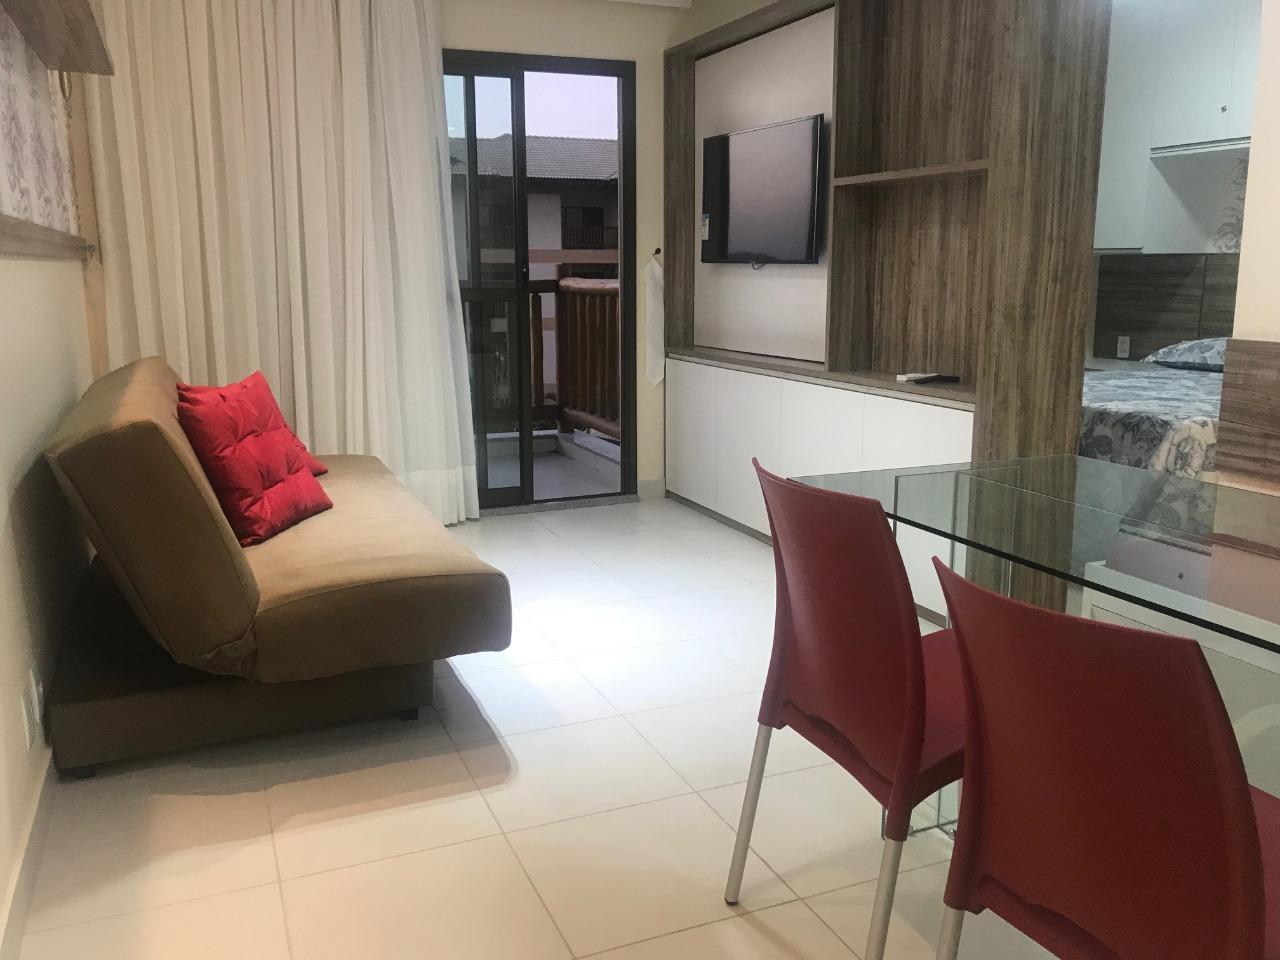 2 diárias (todos os dias) em apartamento para até 4 pessoas (adulto ou criança) de R$580 por apenas R$399